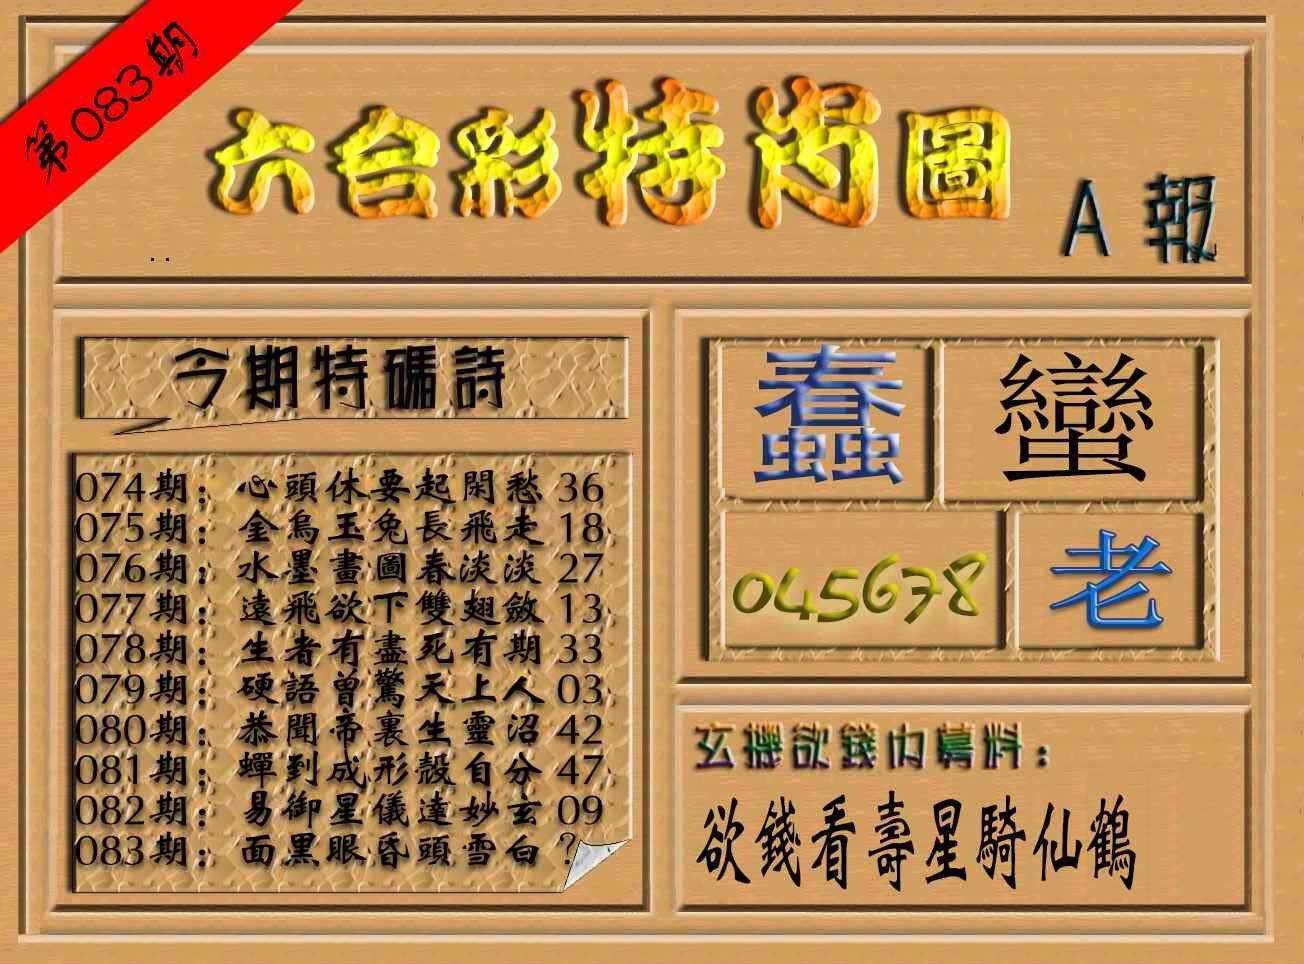 083期六合彩特肖图(A报)